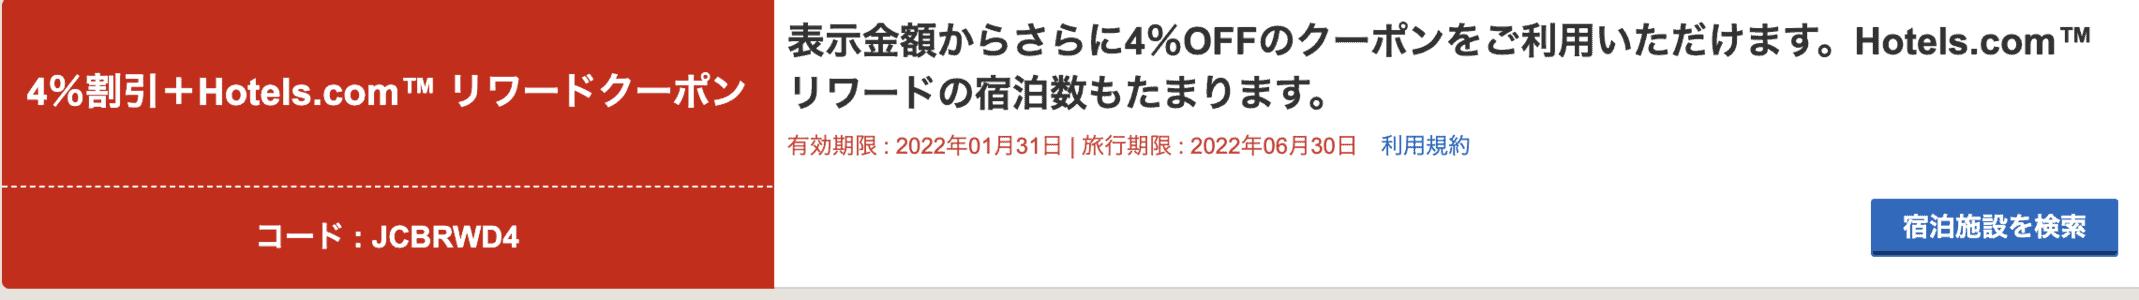 【期間限定】Hotels.com(ホテルズドットコム)「4%OFF+リワードクーポン」割引クーポンコード